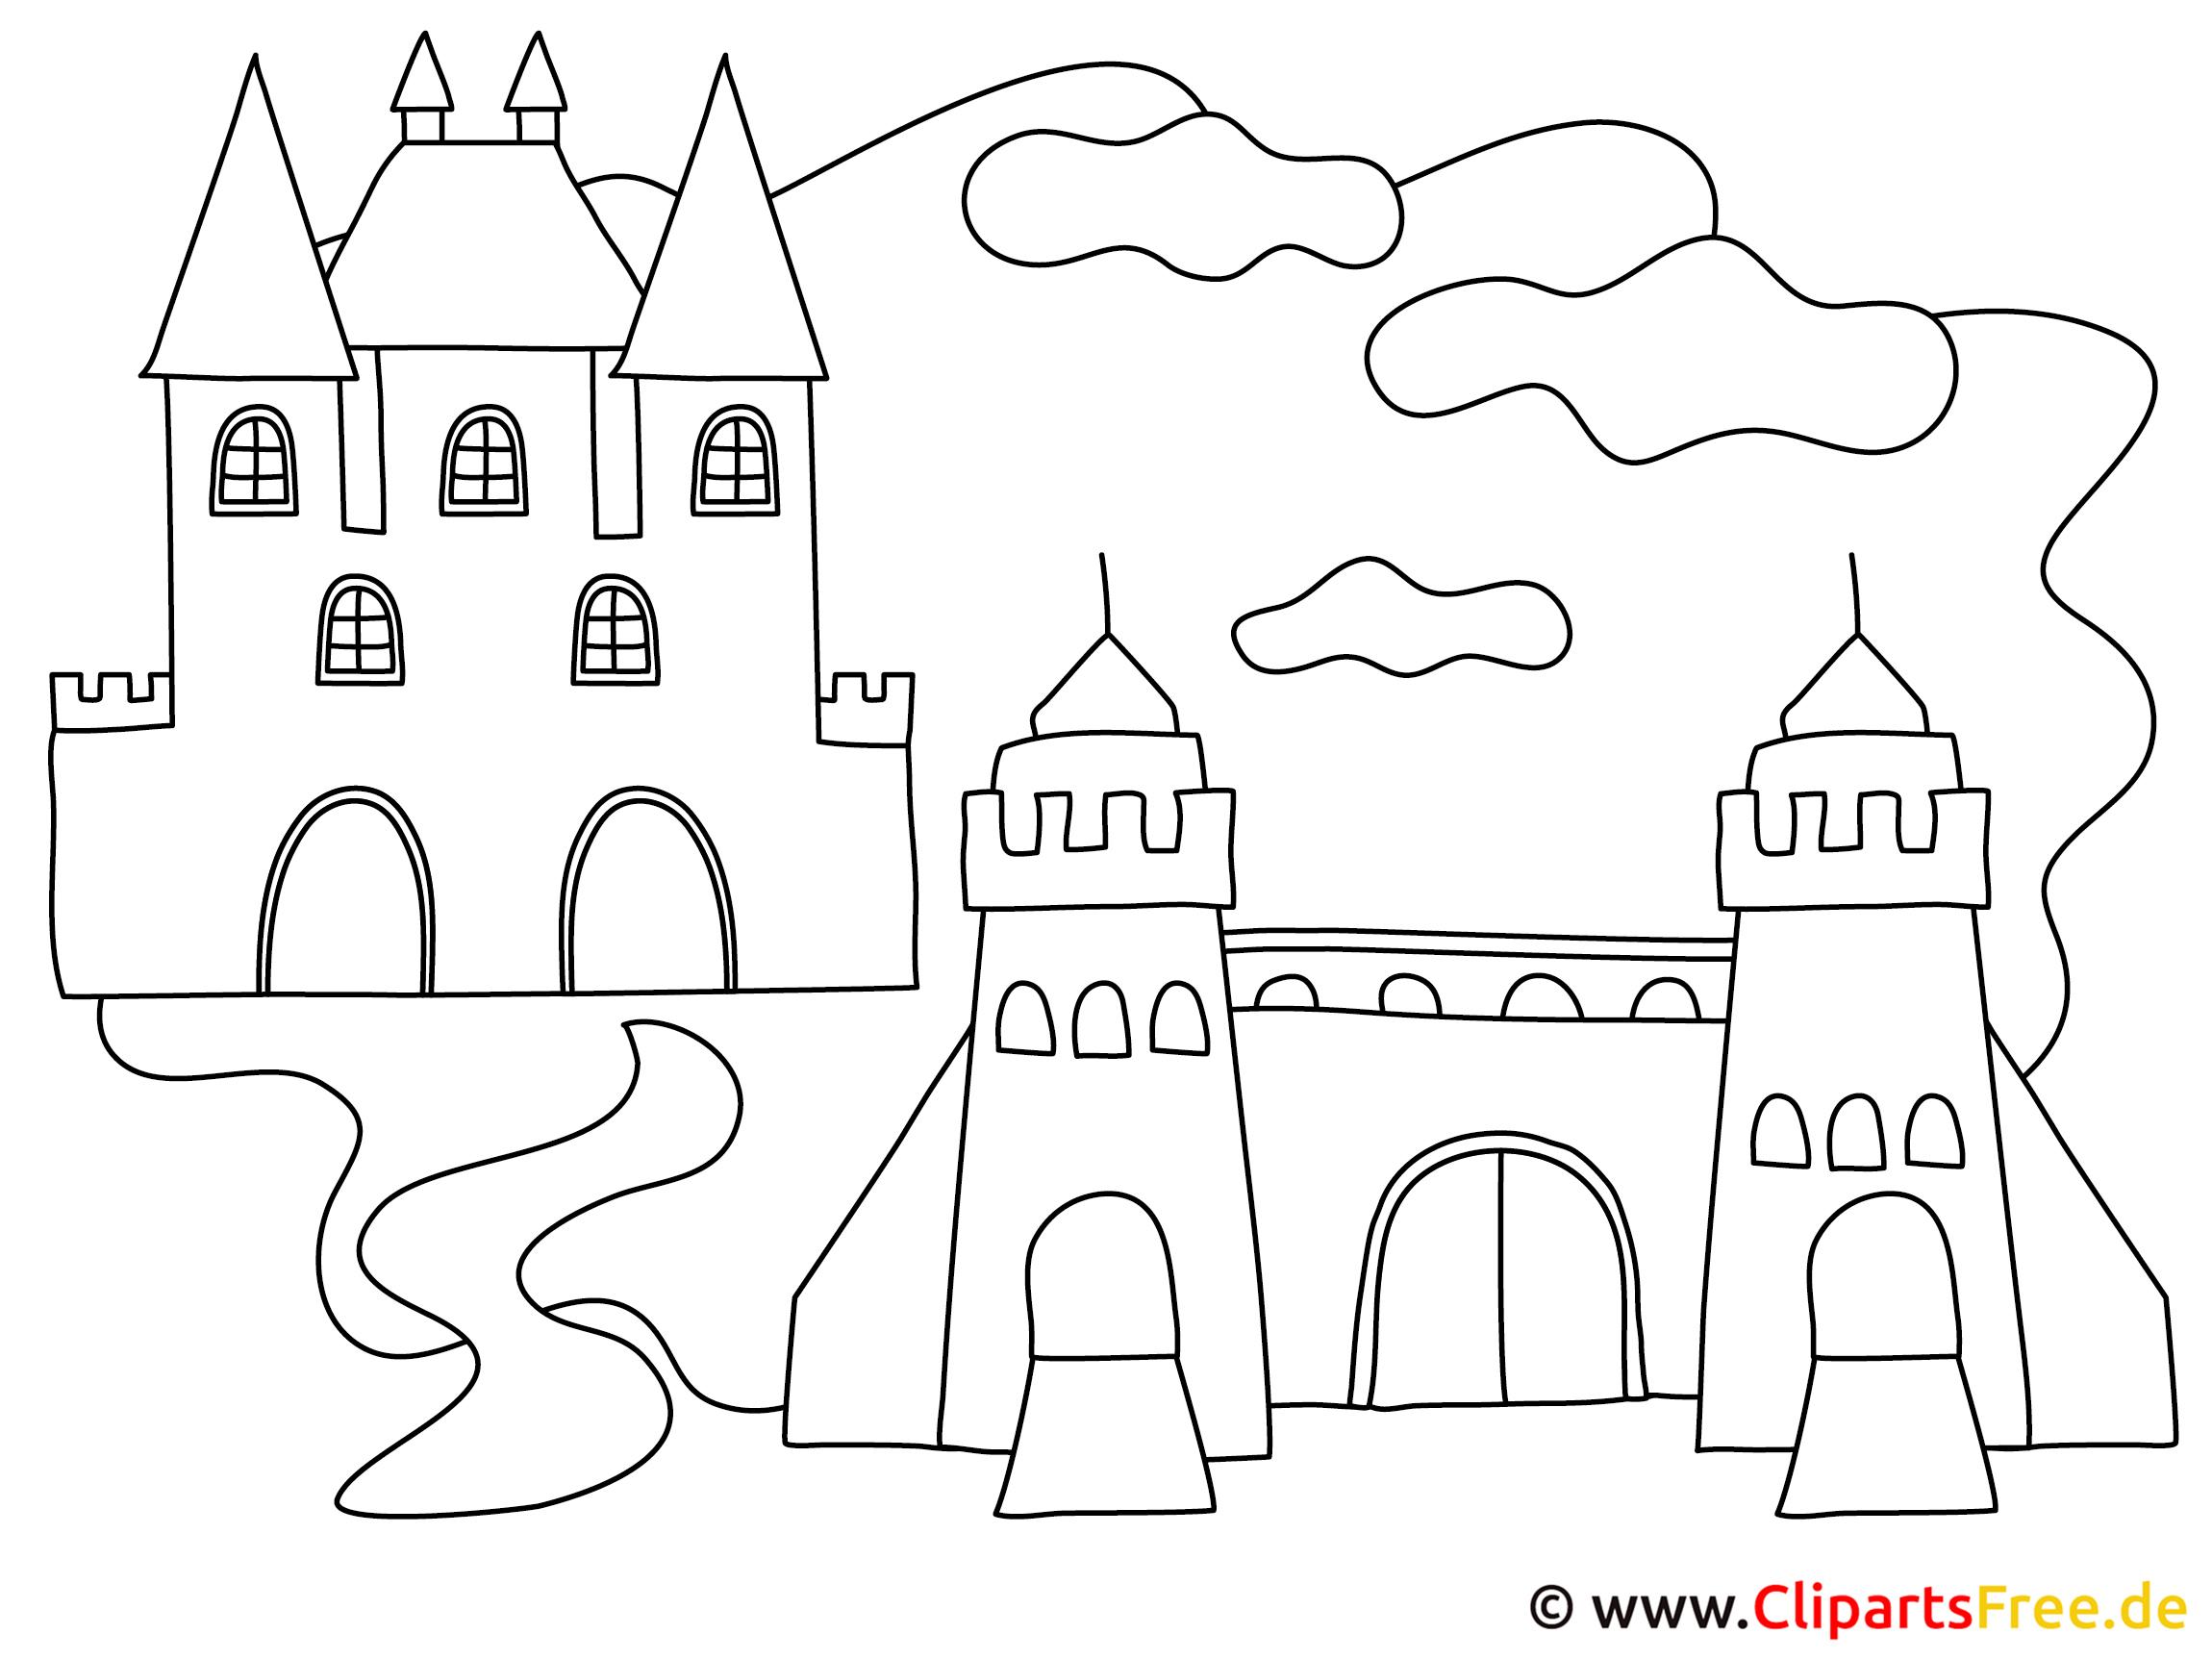 Bild zum Ausmalen Maerchenschloss